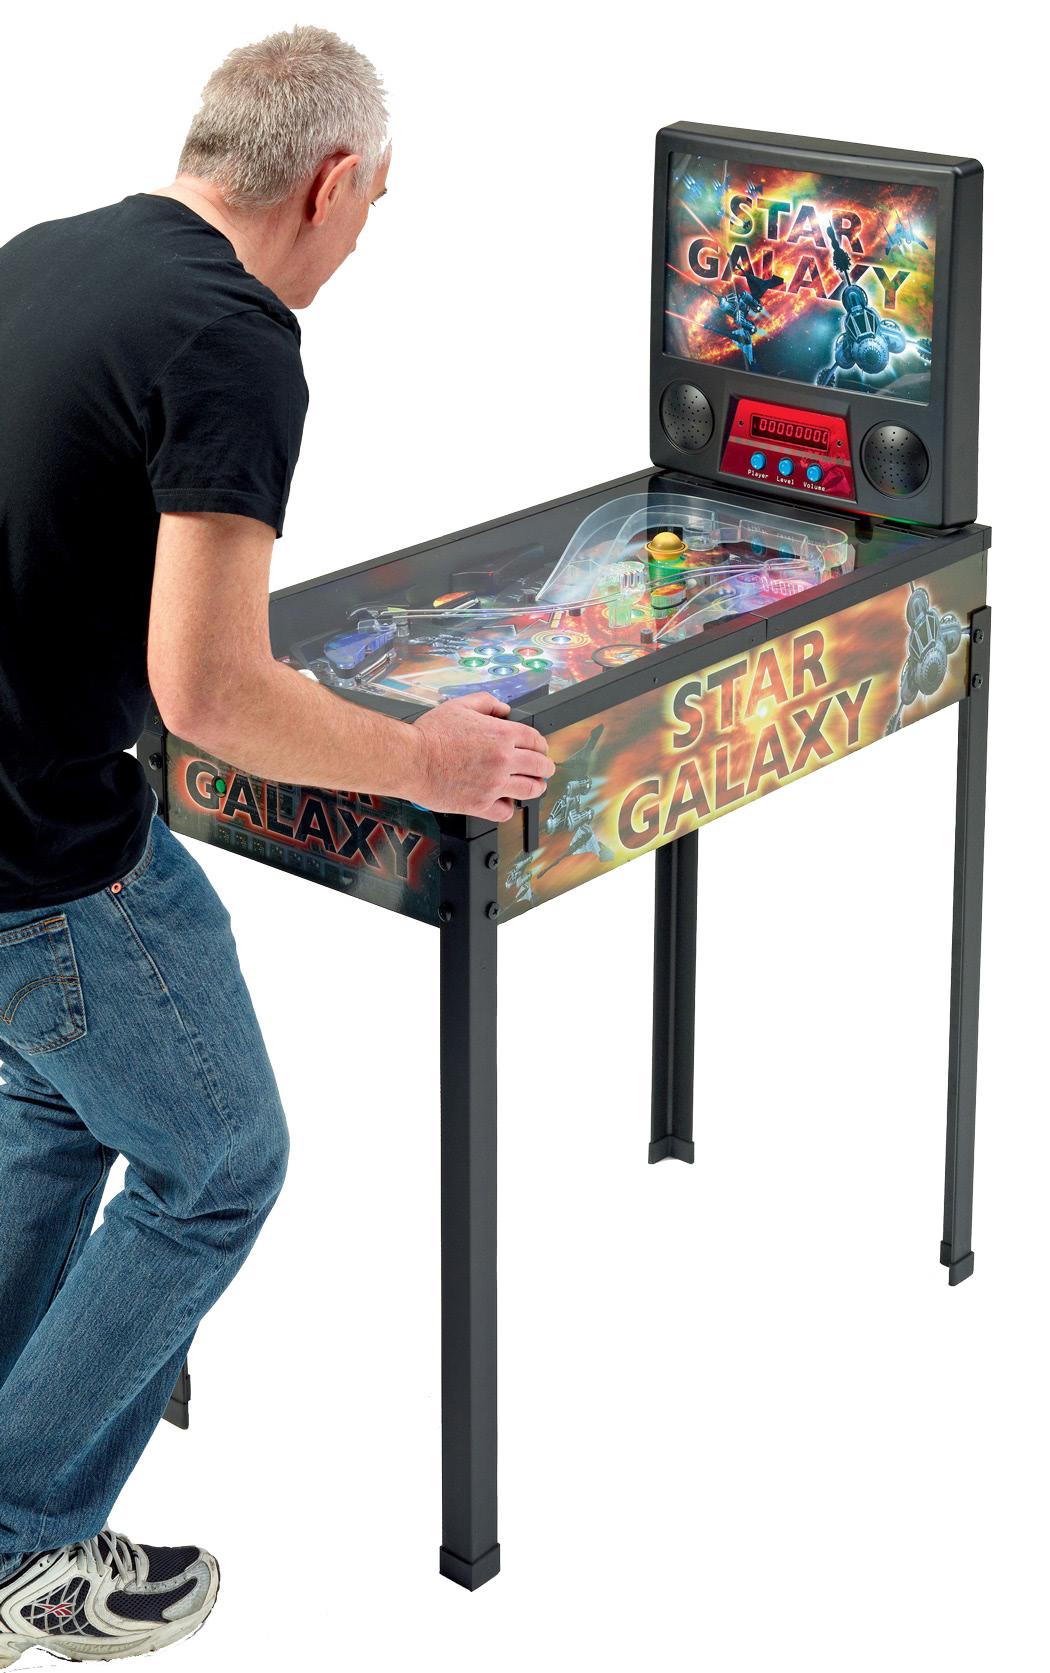 Star Galaxy Pinball Liberty Games